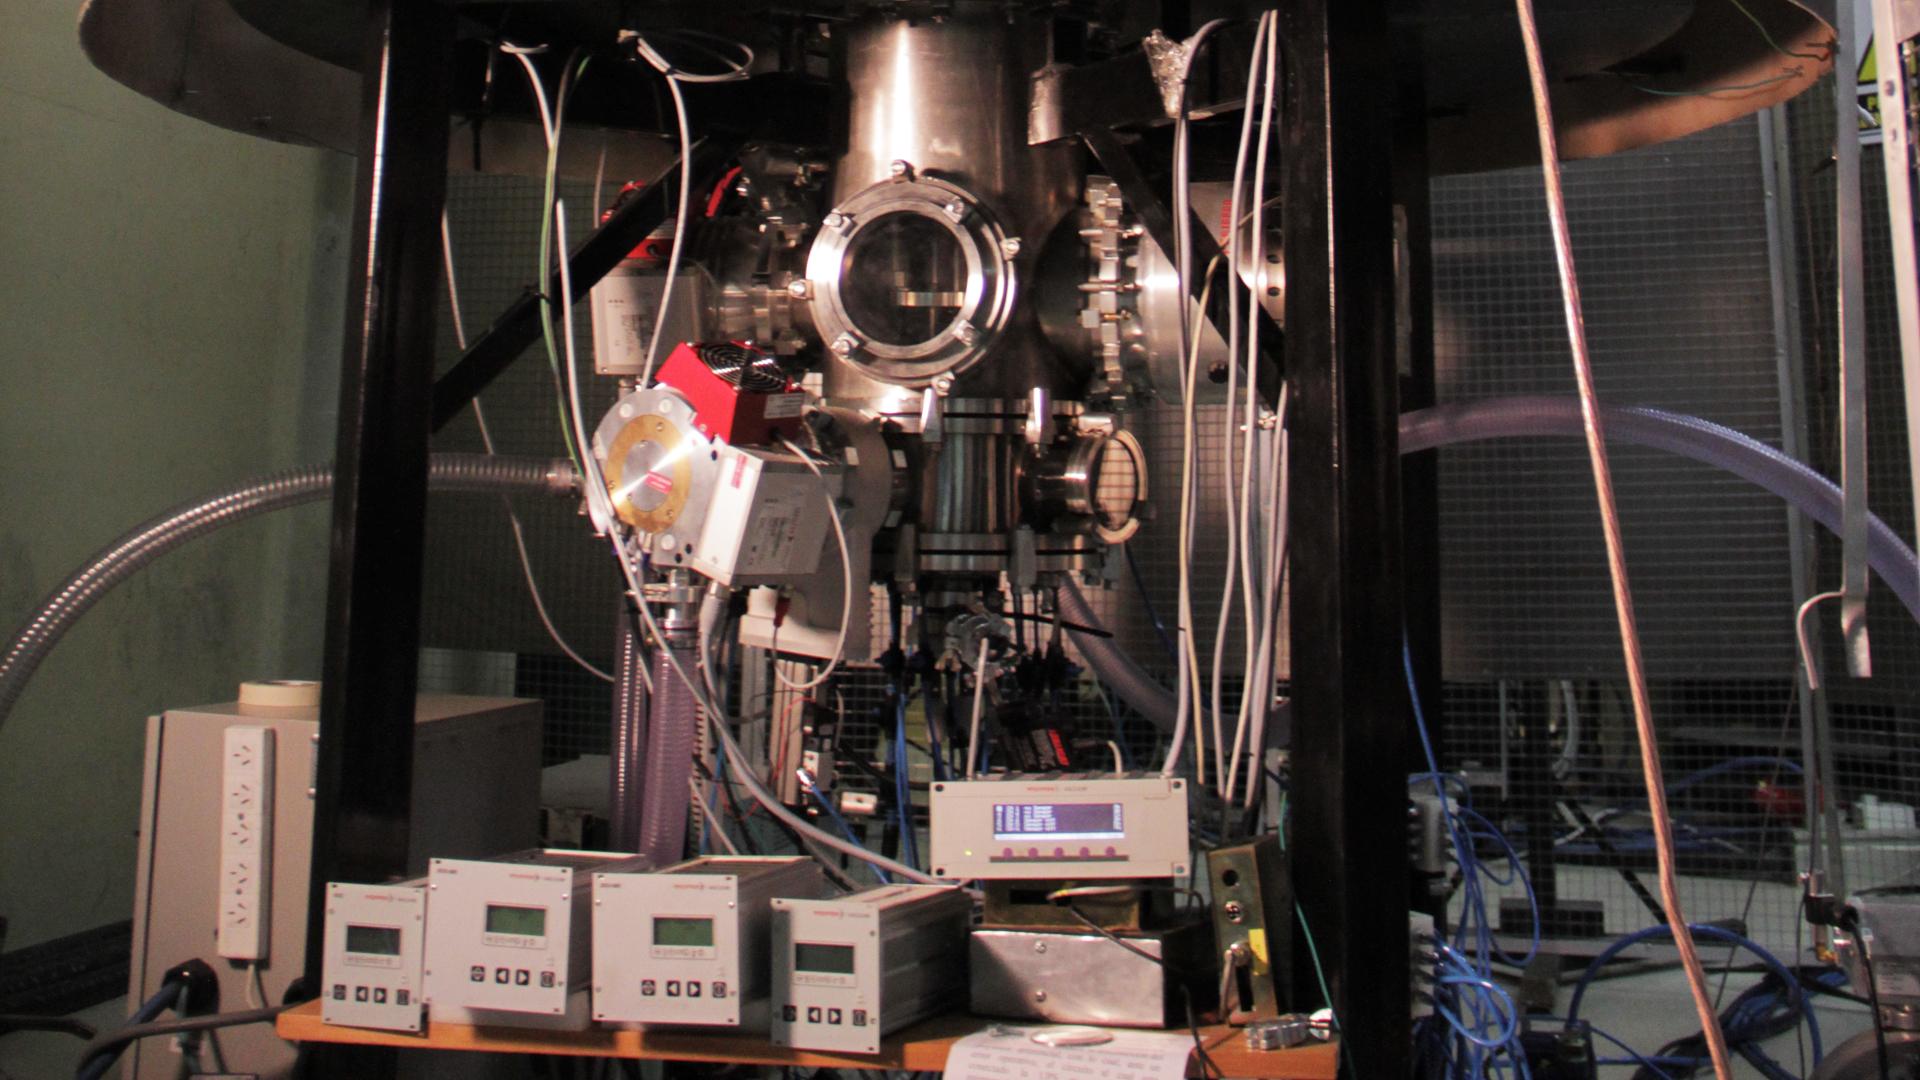 Noticias de la Comisión Nacional de Energia Atómica (CNEA) - Página 5 20_1_8_acelerador_corea_del_sur